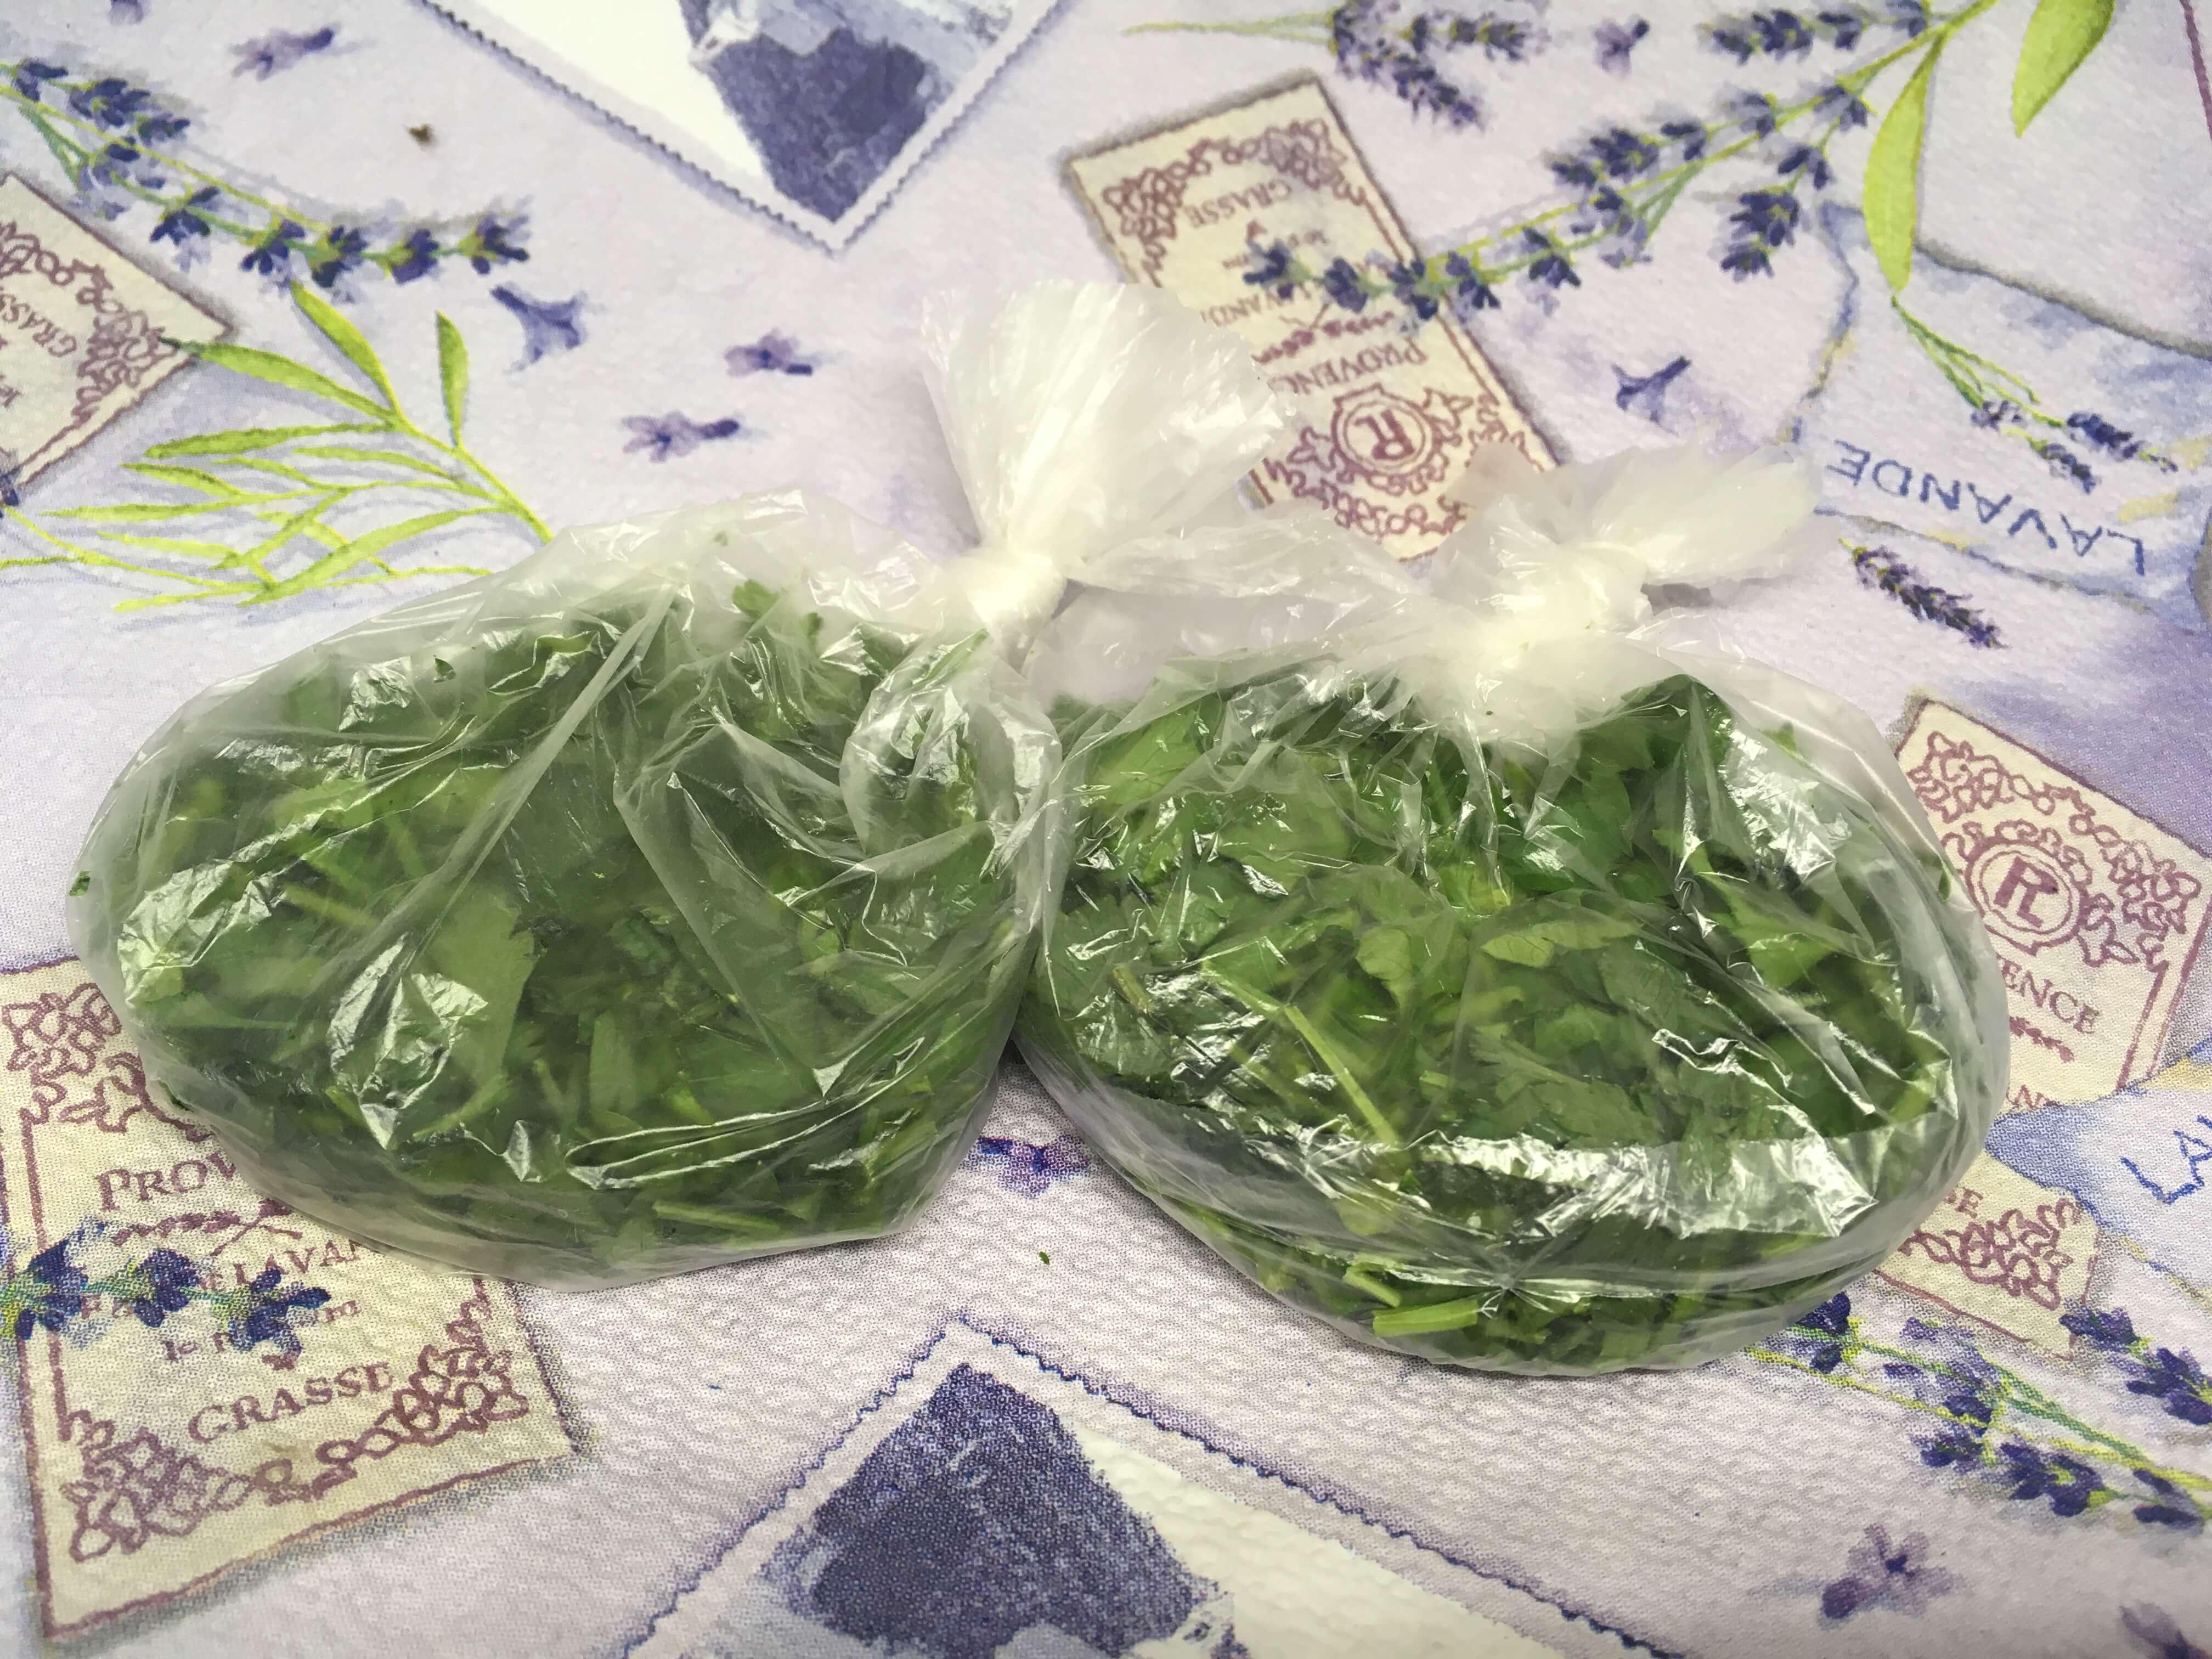 На фото: нарезанные и расфасованные листья петрушки, готовые к заморозке (авторское фото)